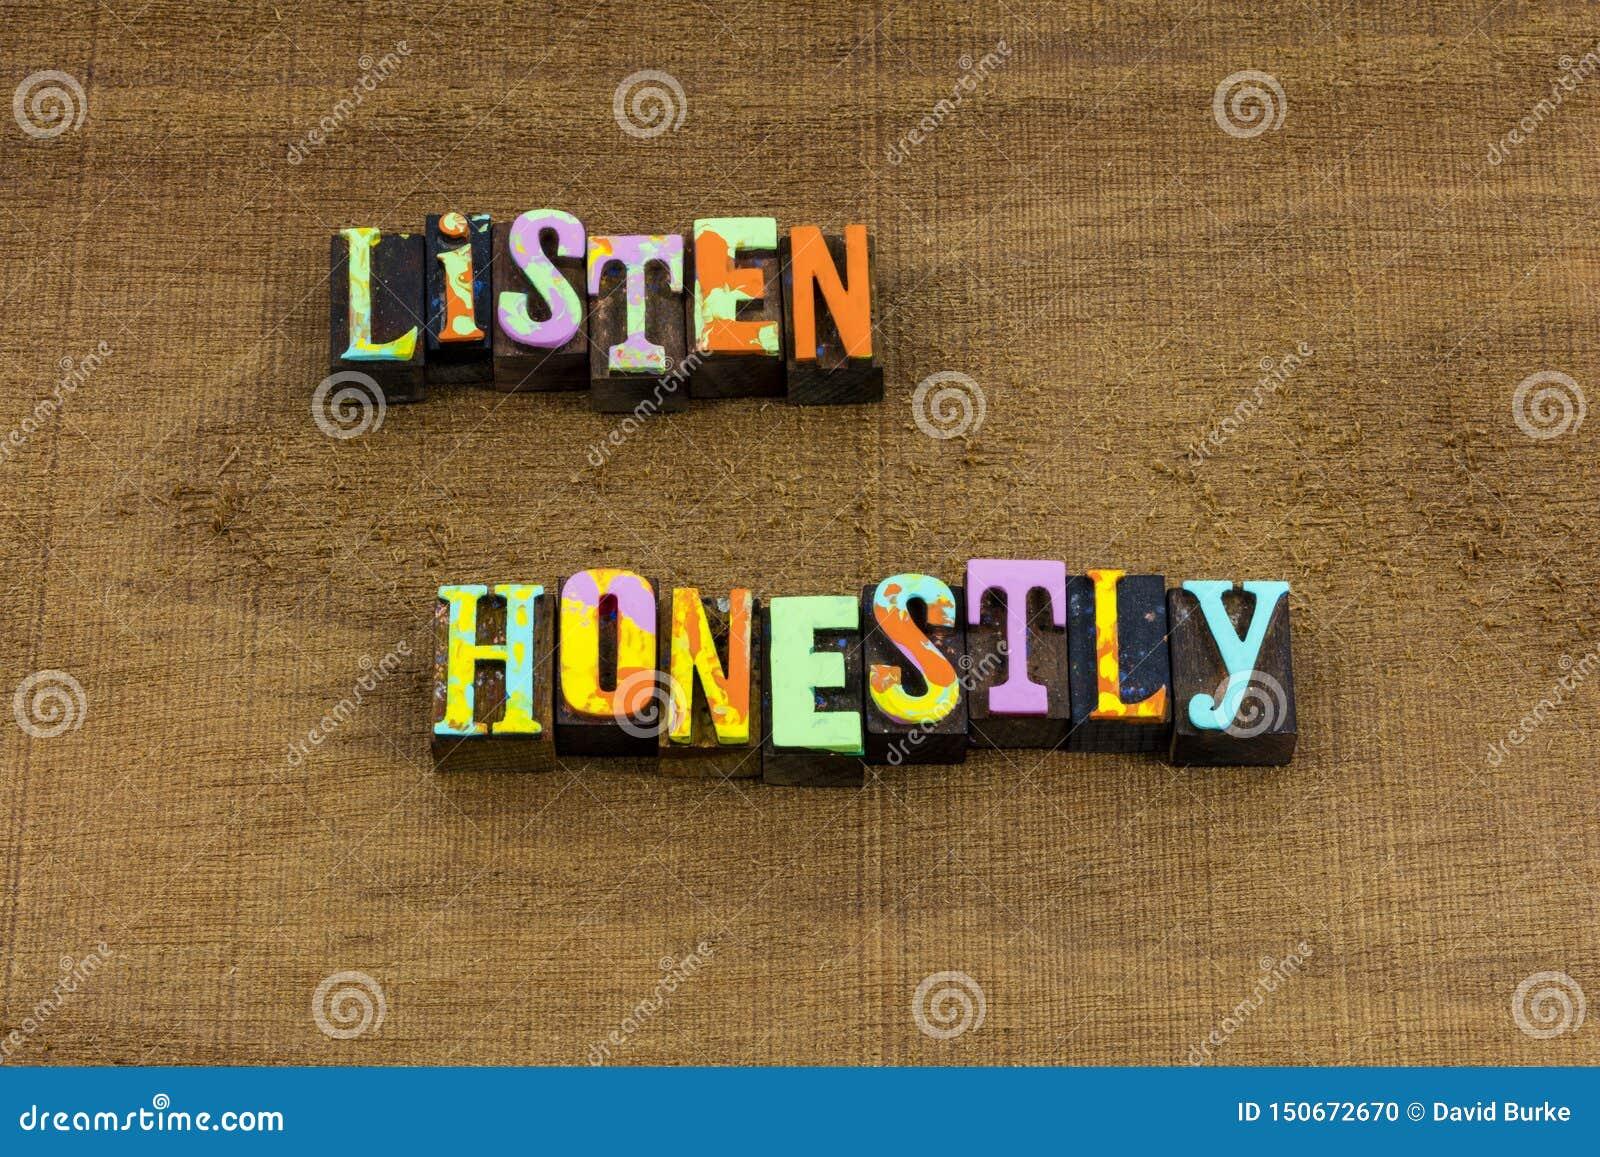 Luister het goede gesprek van luisteraargewoonten leren eerlijk uitdrukking